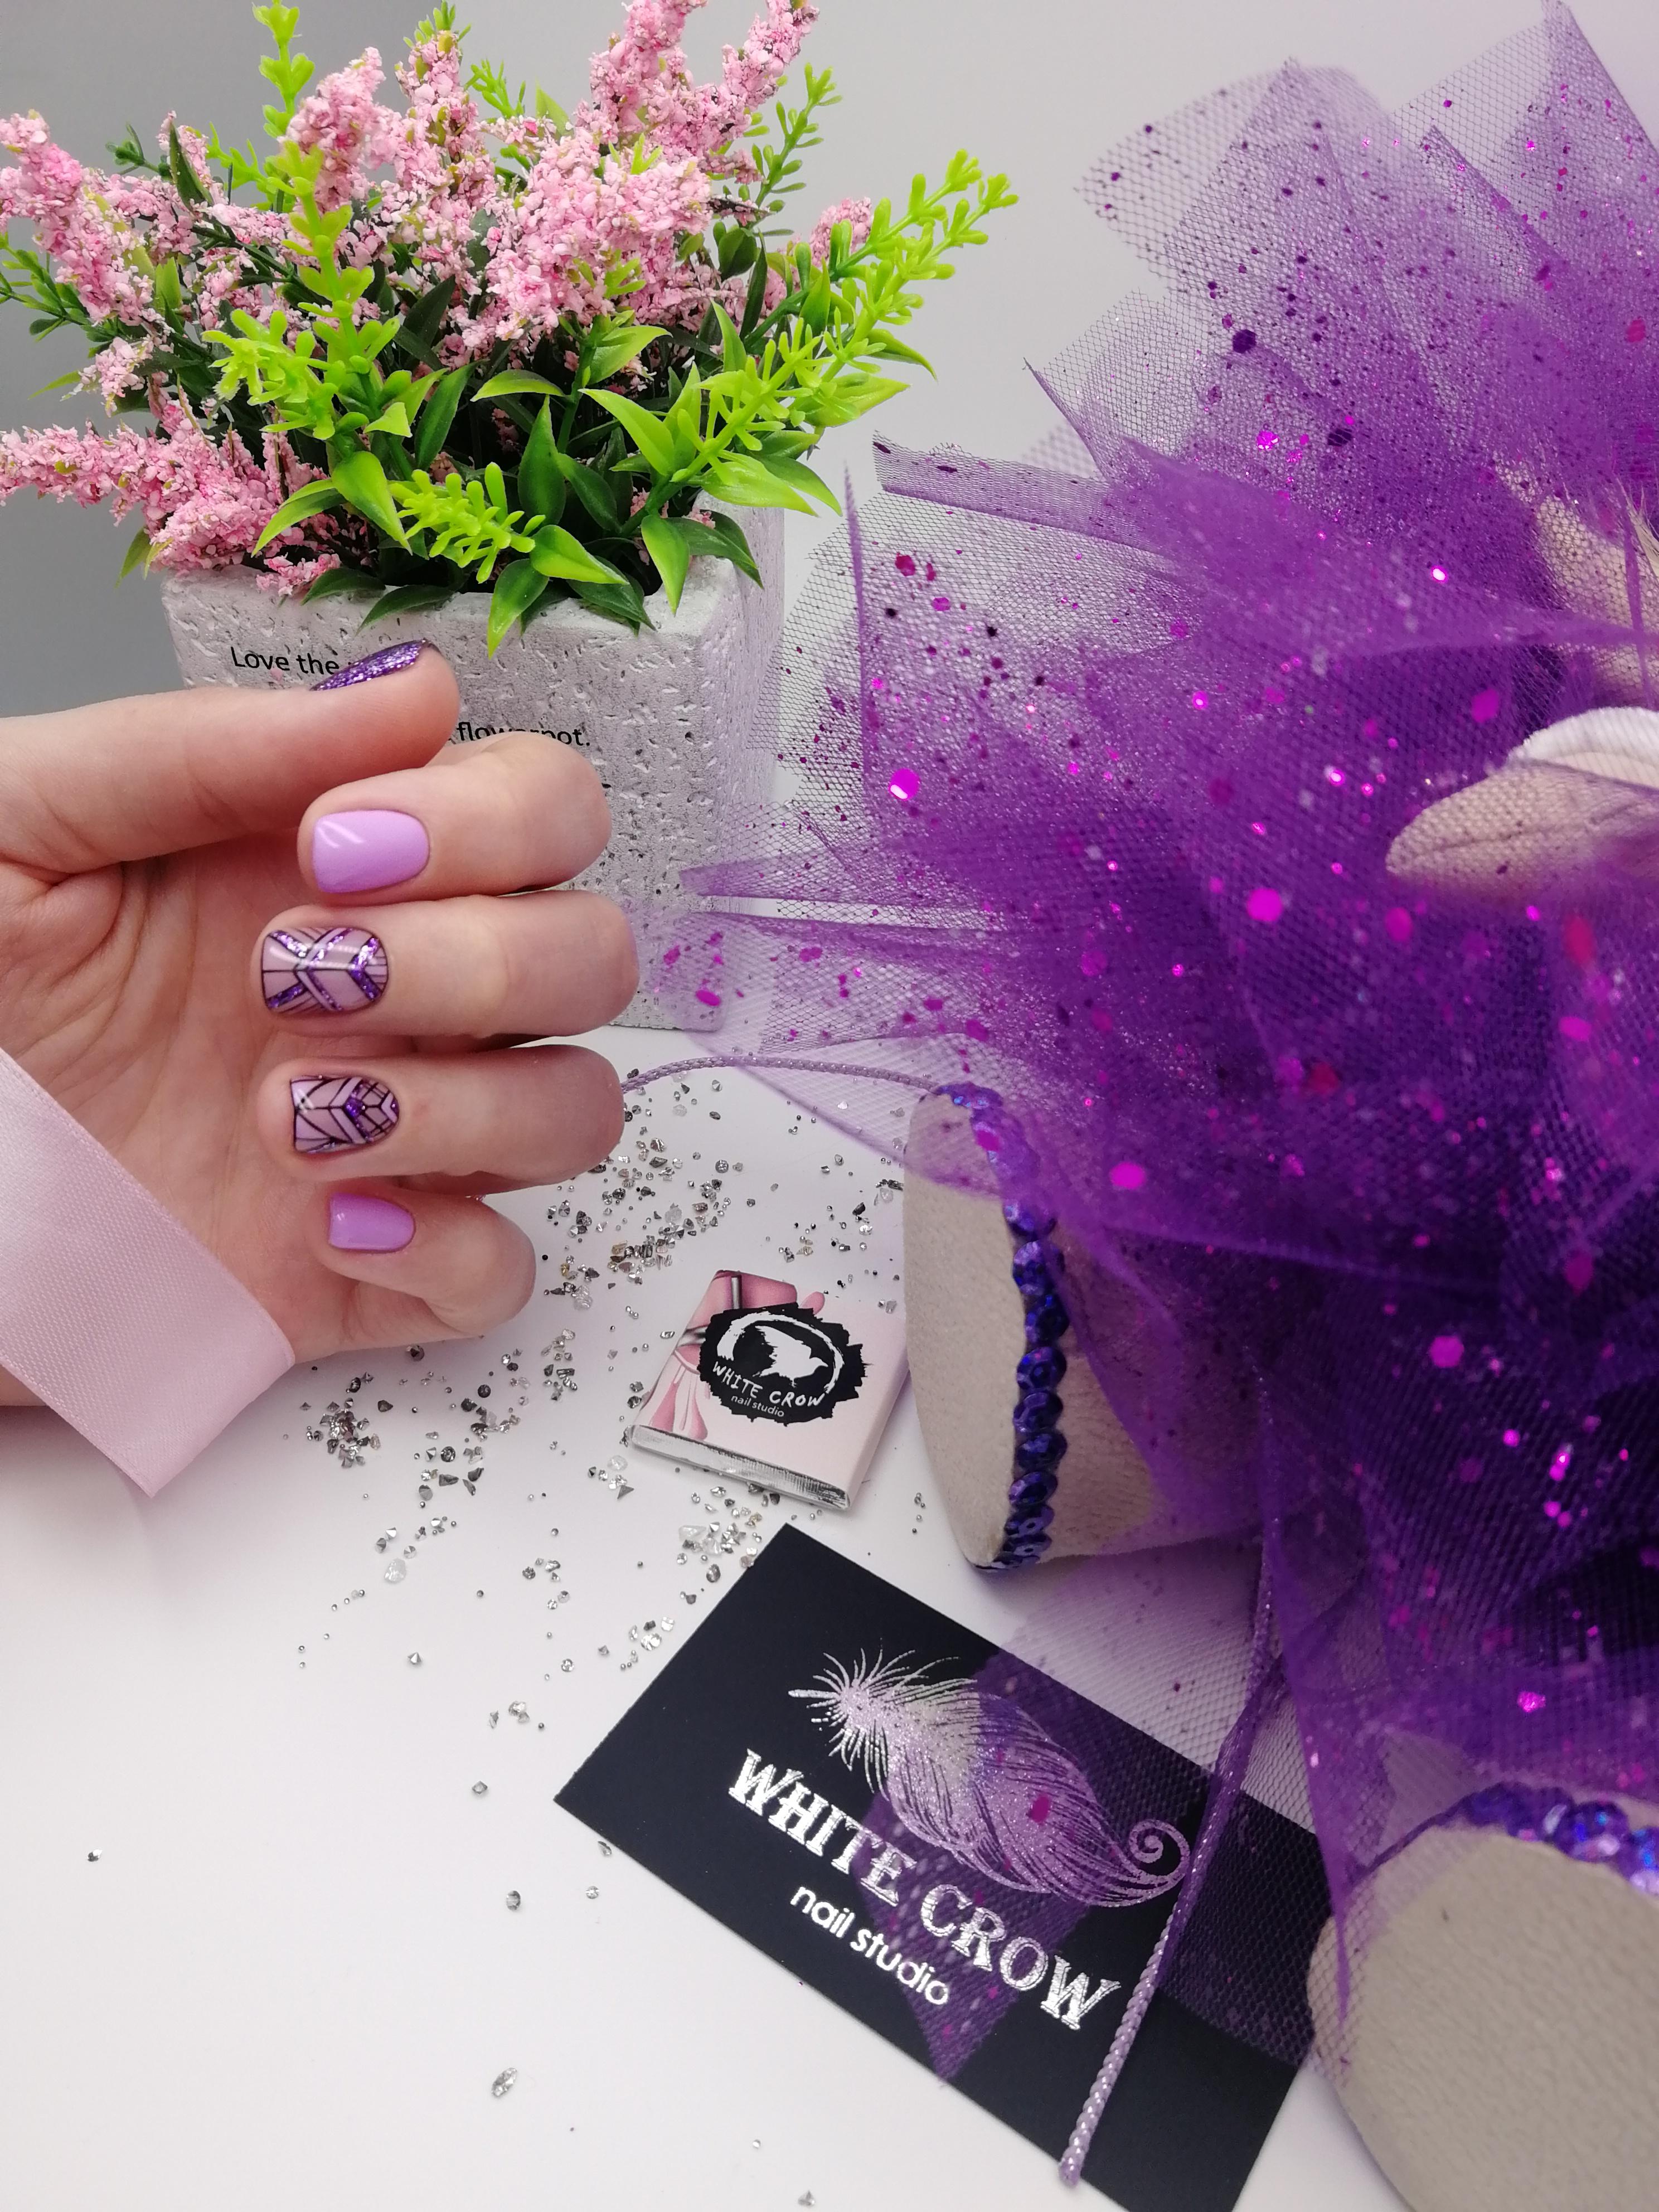 Маникюр в сиреневом цвете с геометрическим рисунком и фиолетовыми блёстками.